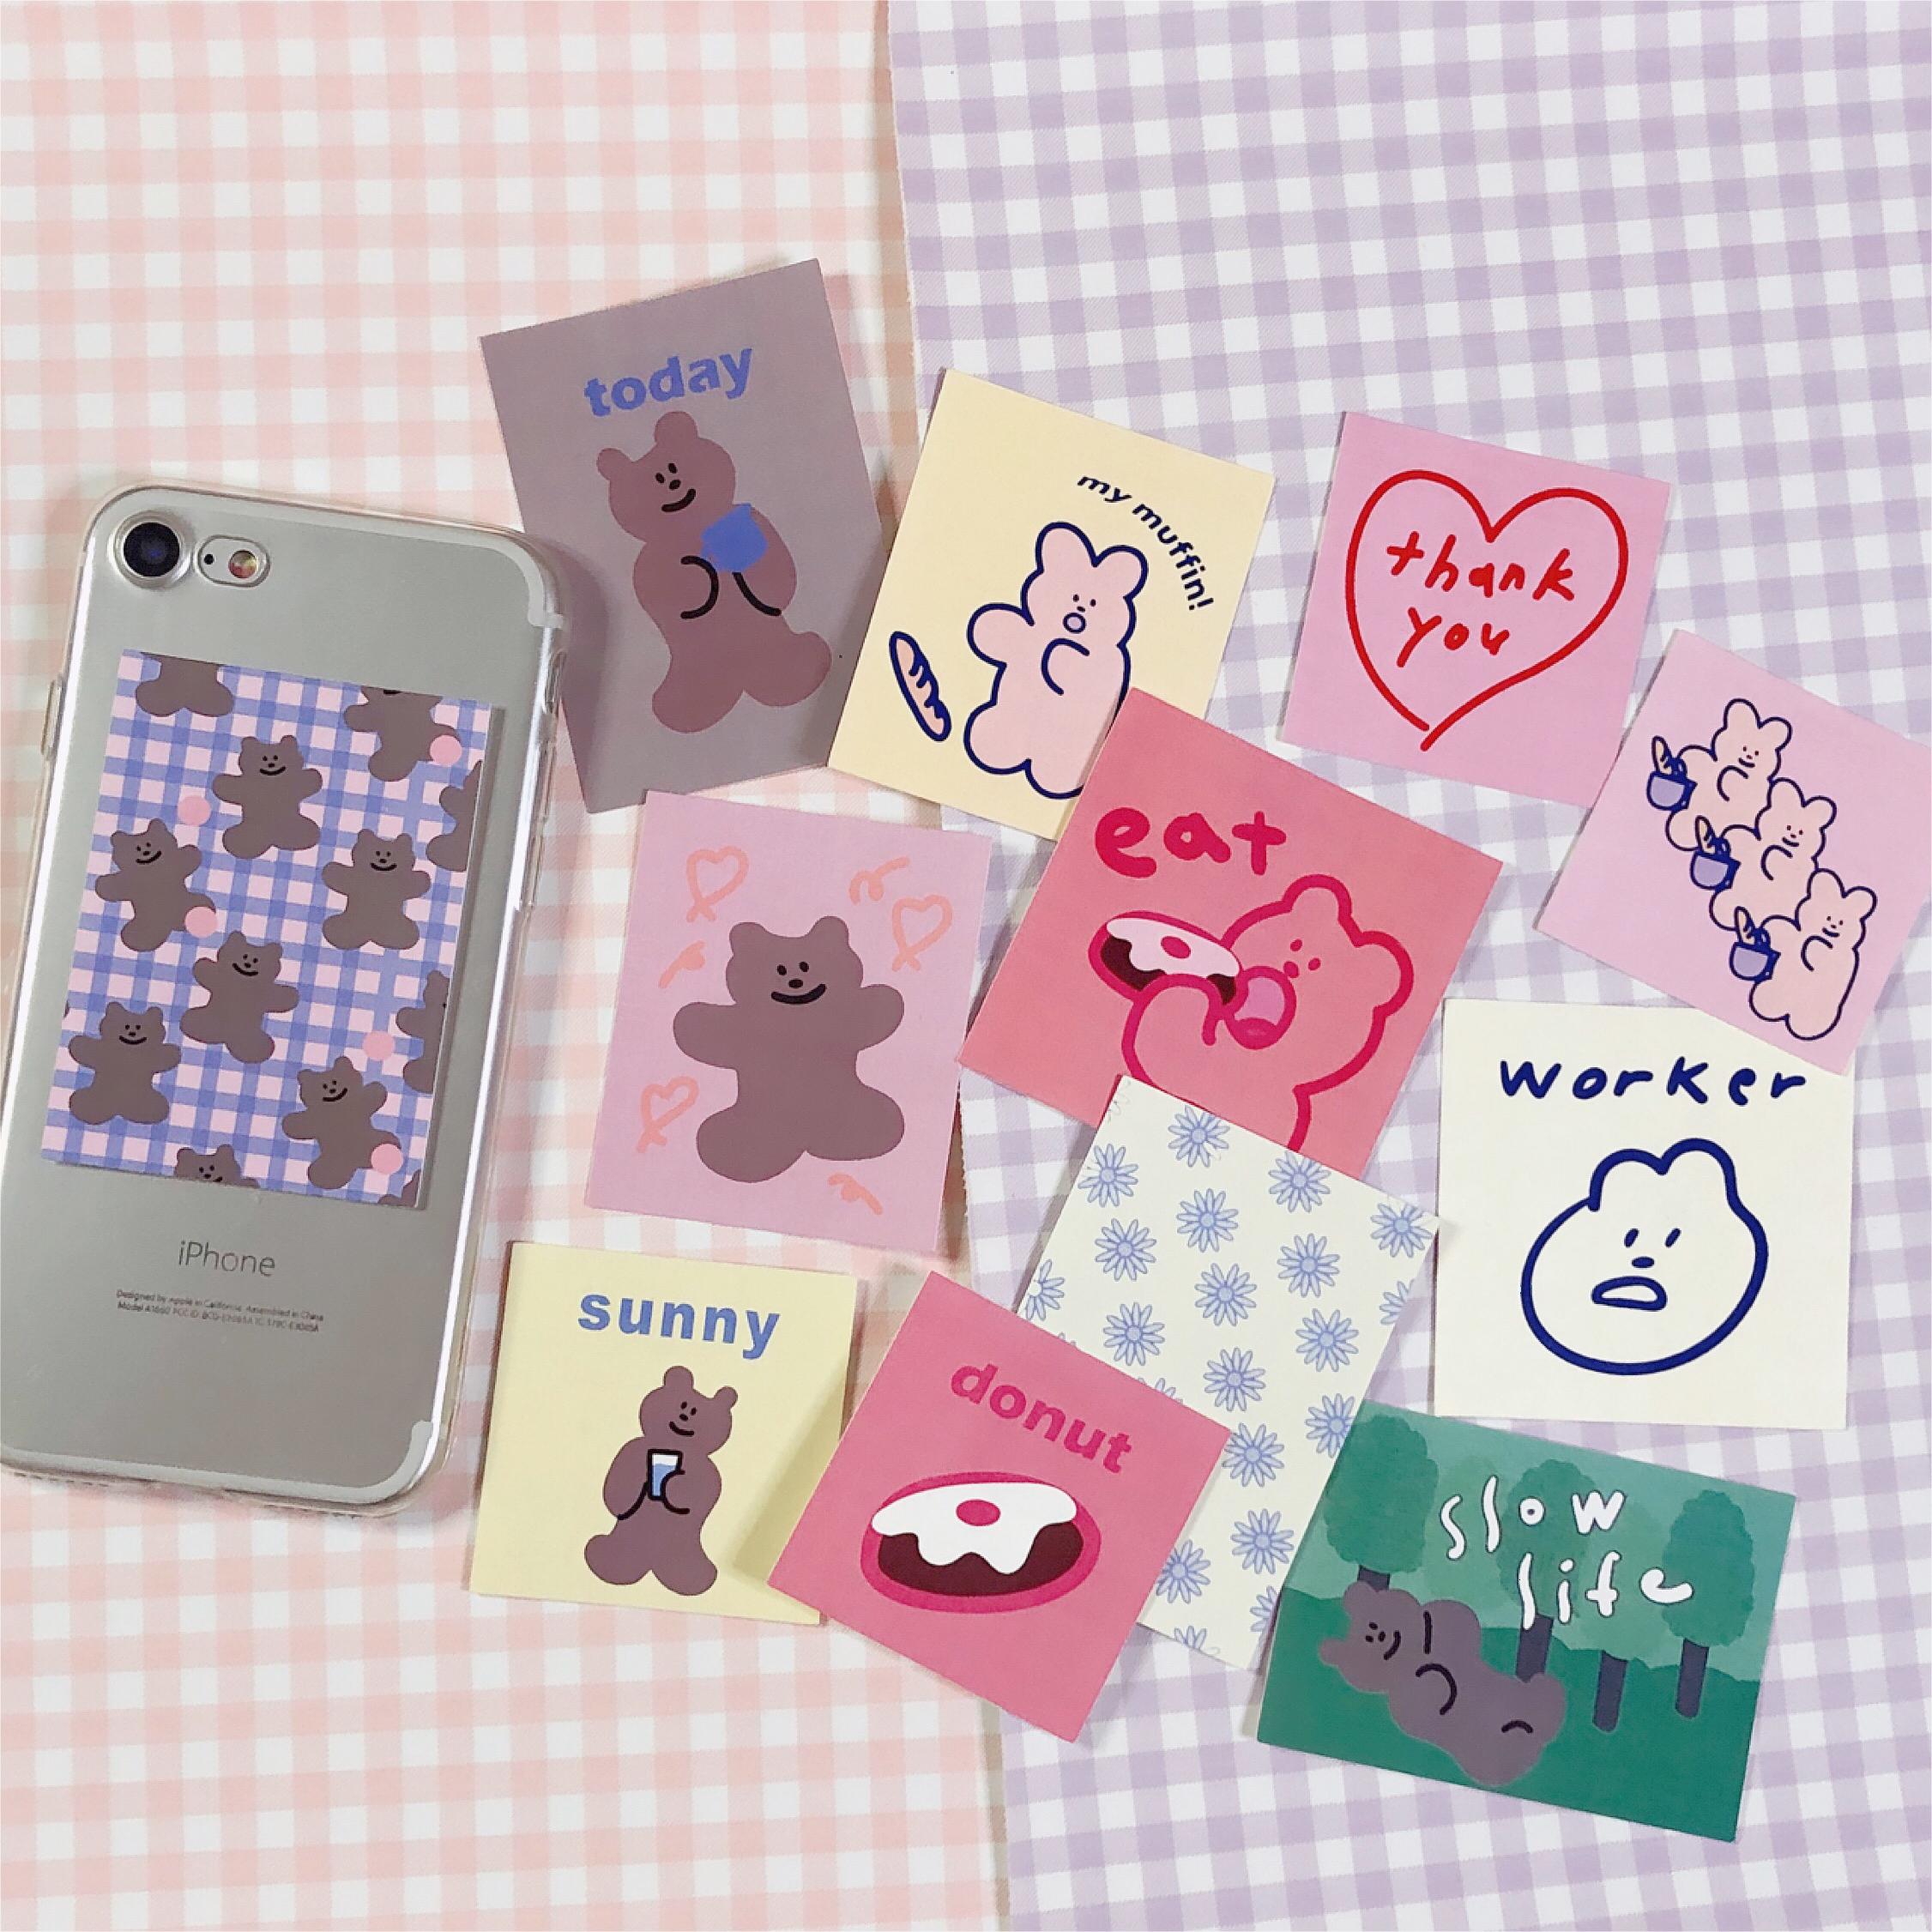 韓風粉色复古貼紙包 可愛小熊甜甜圈 雪人禮物 封口貼 手帳素材拼貼 DIY裝飾手機殼 筆電 收納盒 Musemood平替